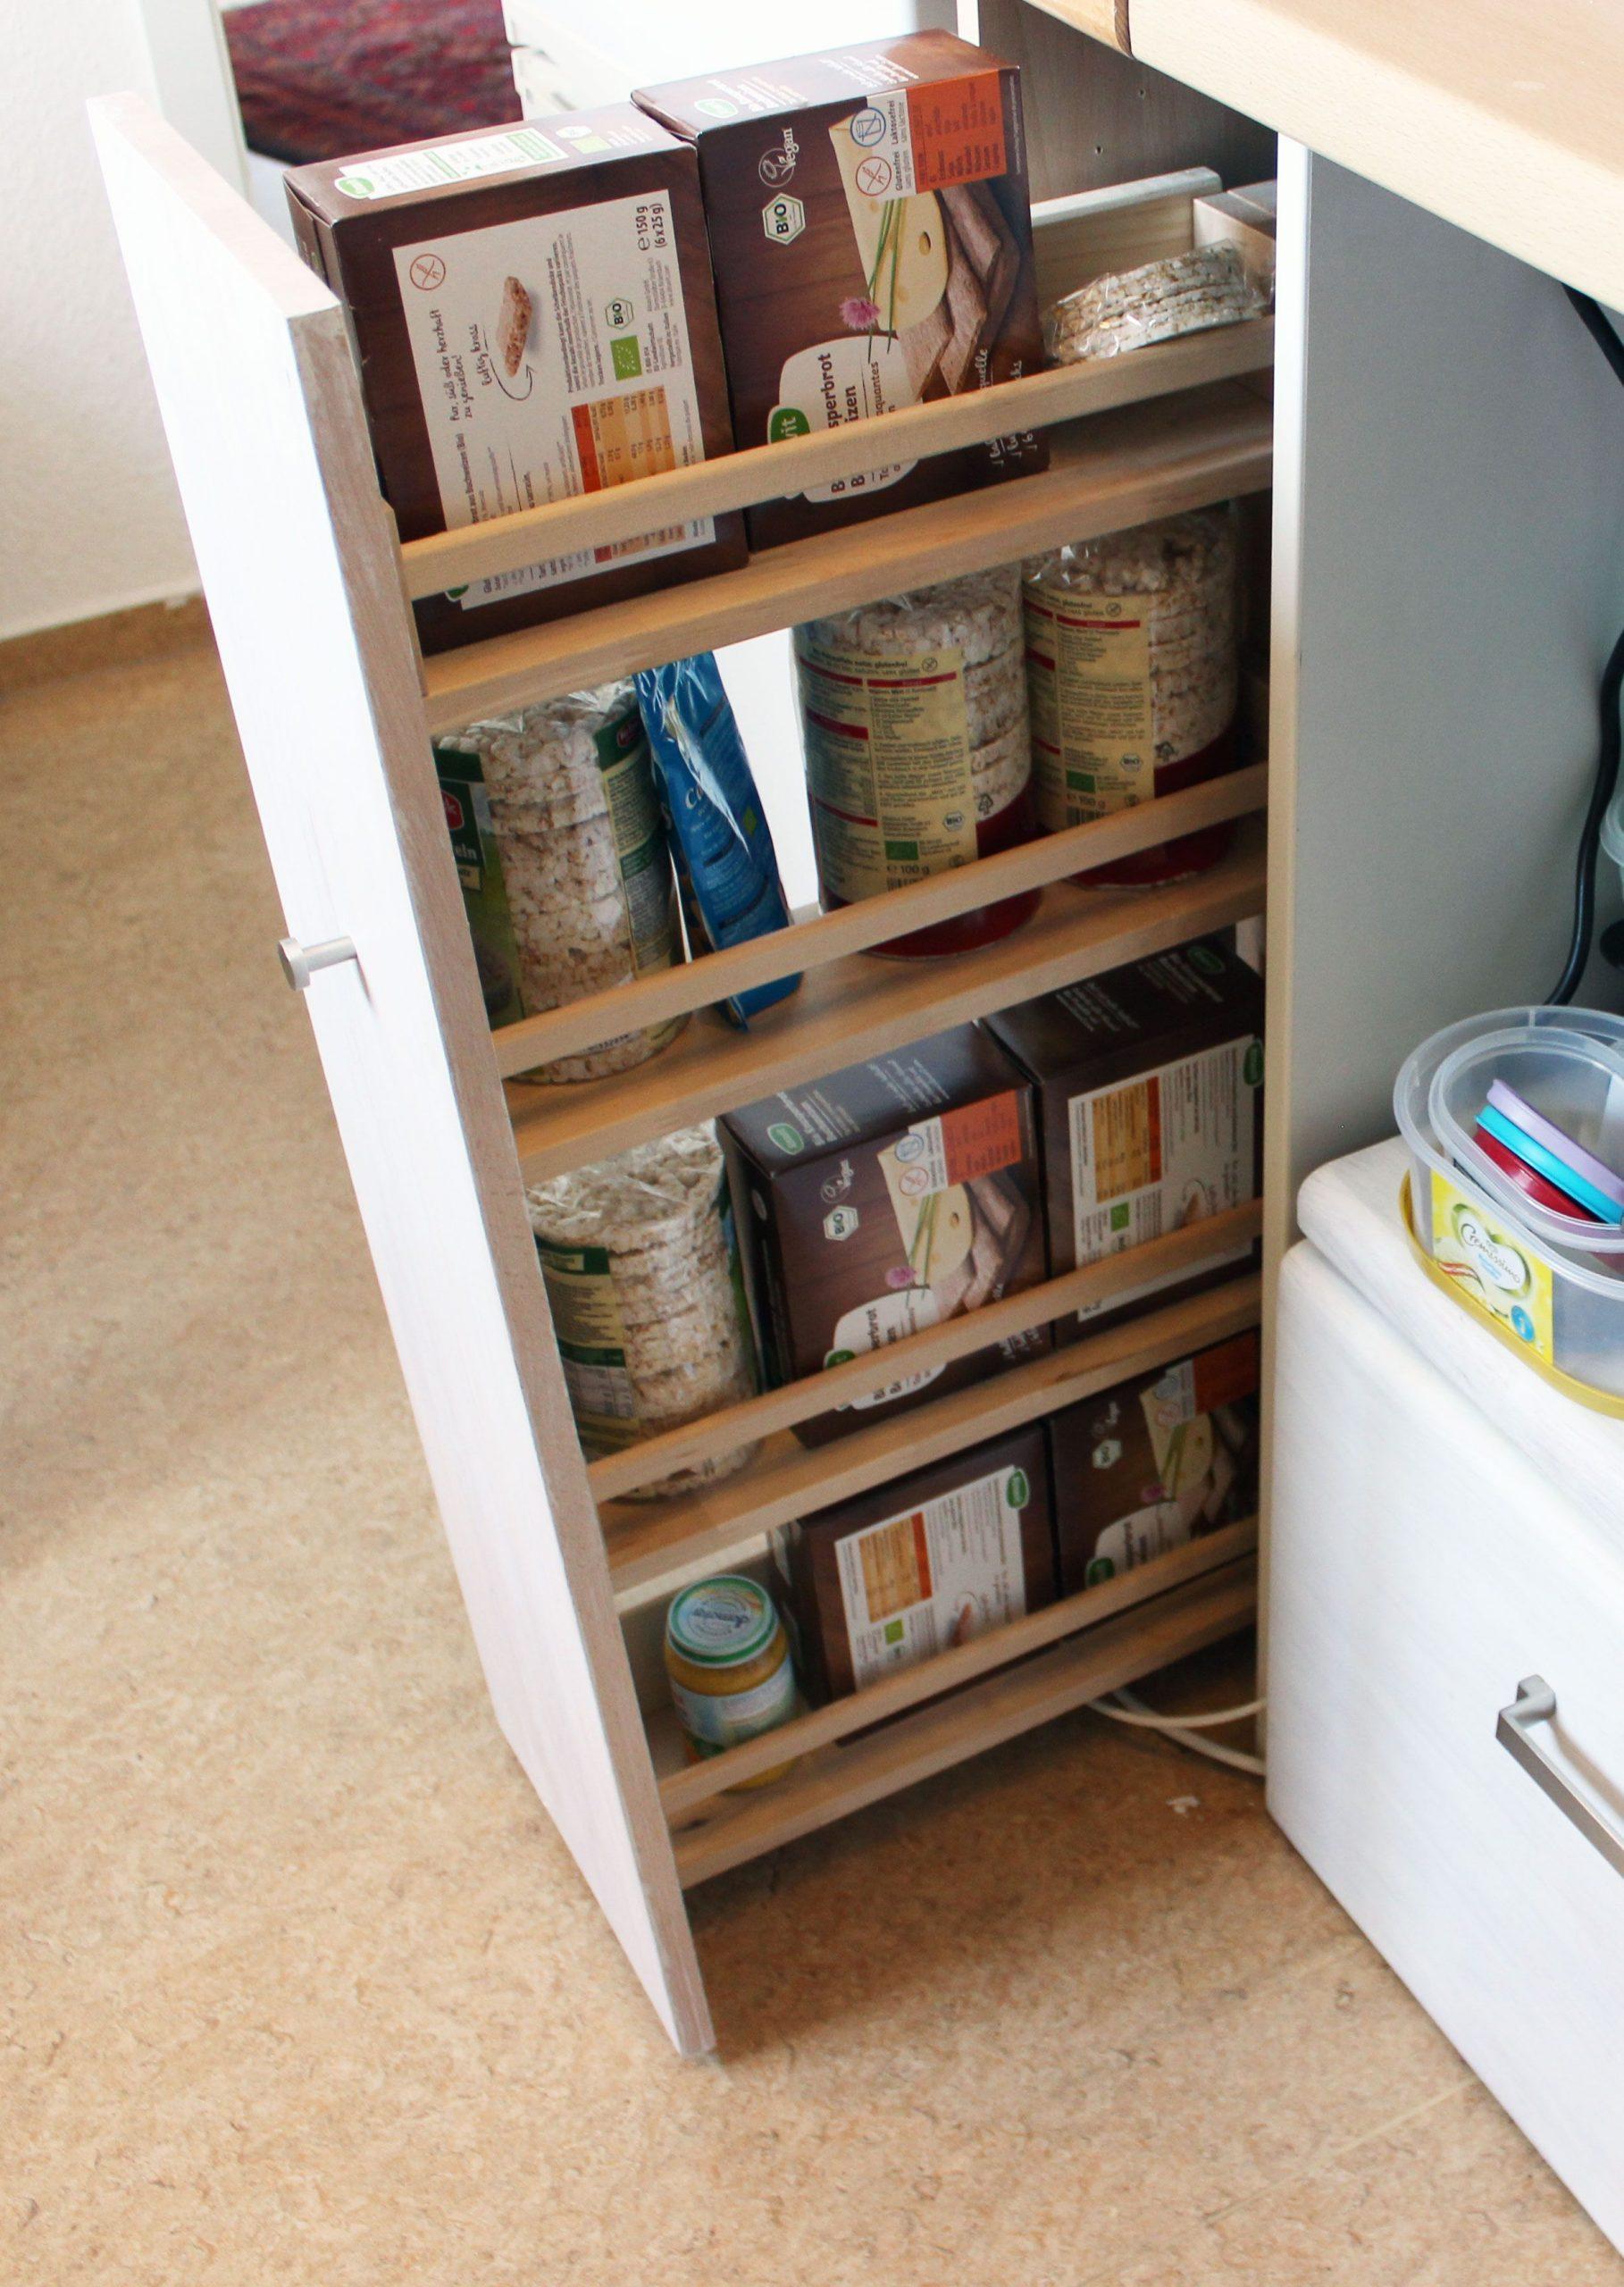 Full Size of Nischenregal Sideboard Küche Edelstahlküche Ikea Miniküche Led Panel Arbeitstisch Industrial Ebay Landhausküche Gebraucht Einzelschränke Theke Fliesen Wohnzimmer Wandregal Küche Ikea